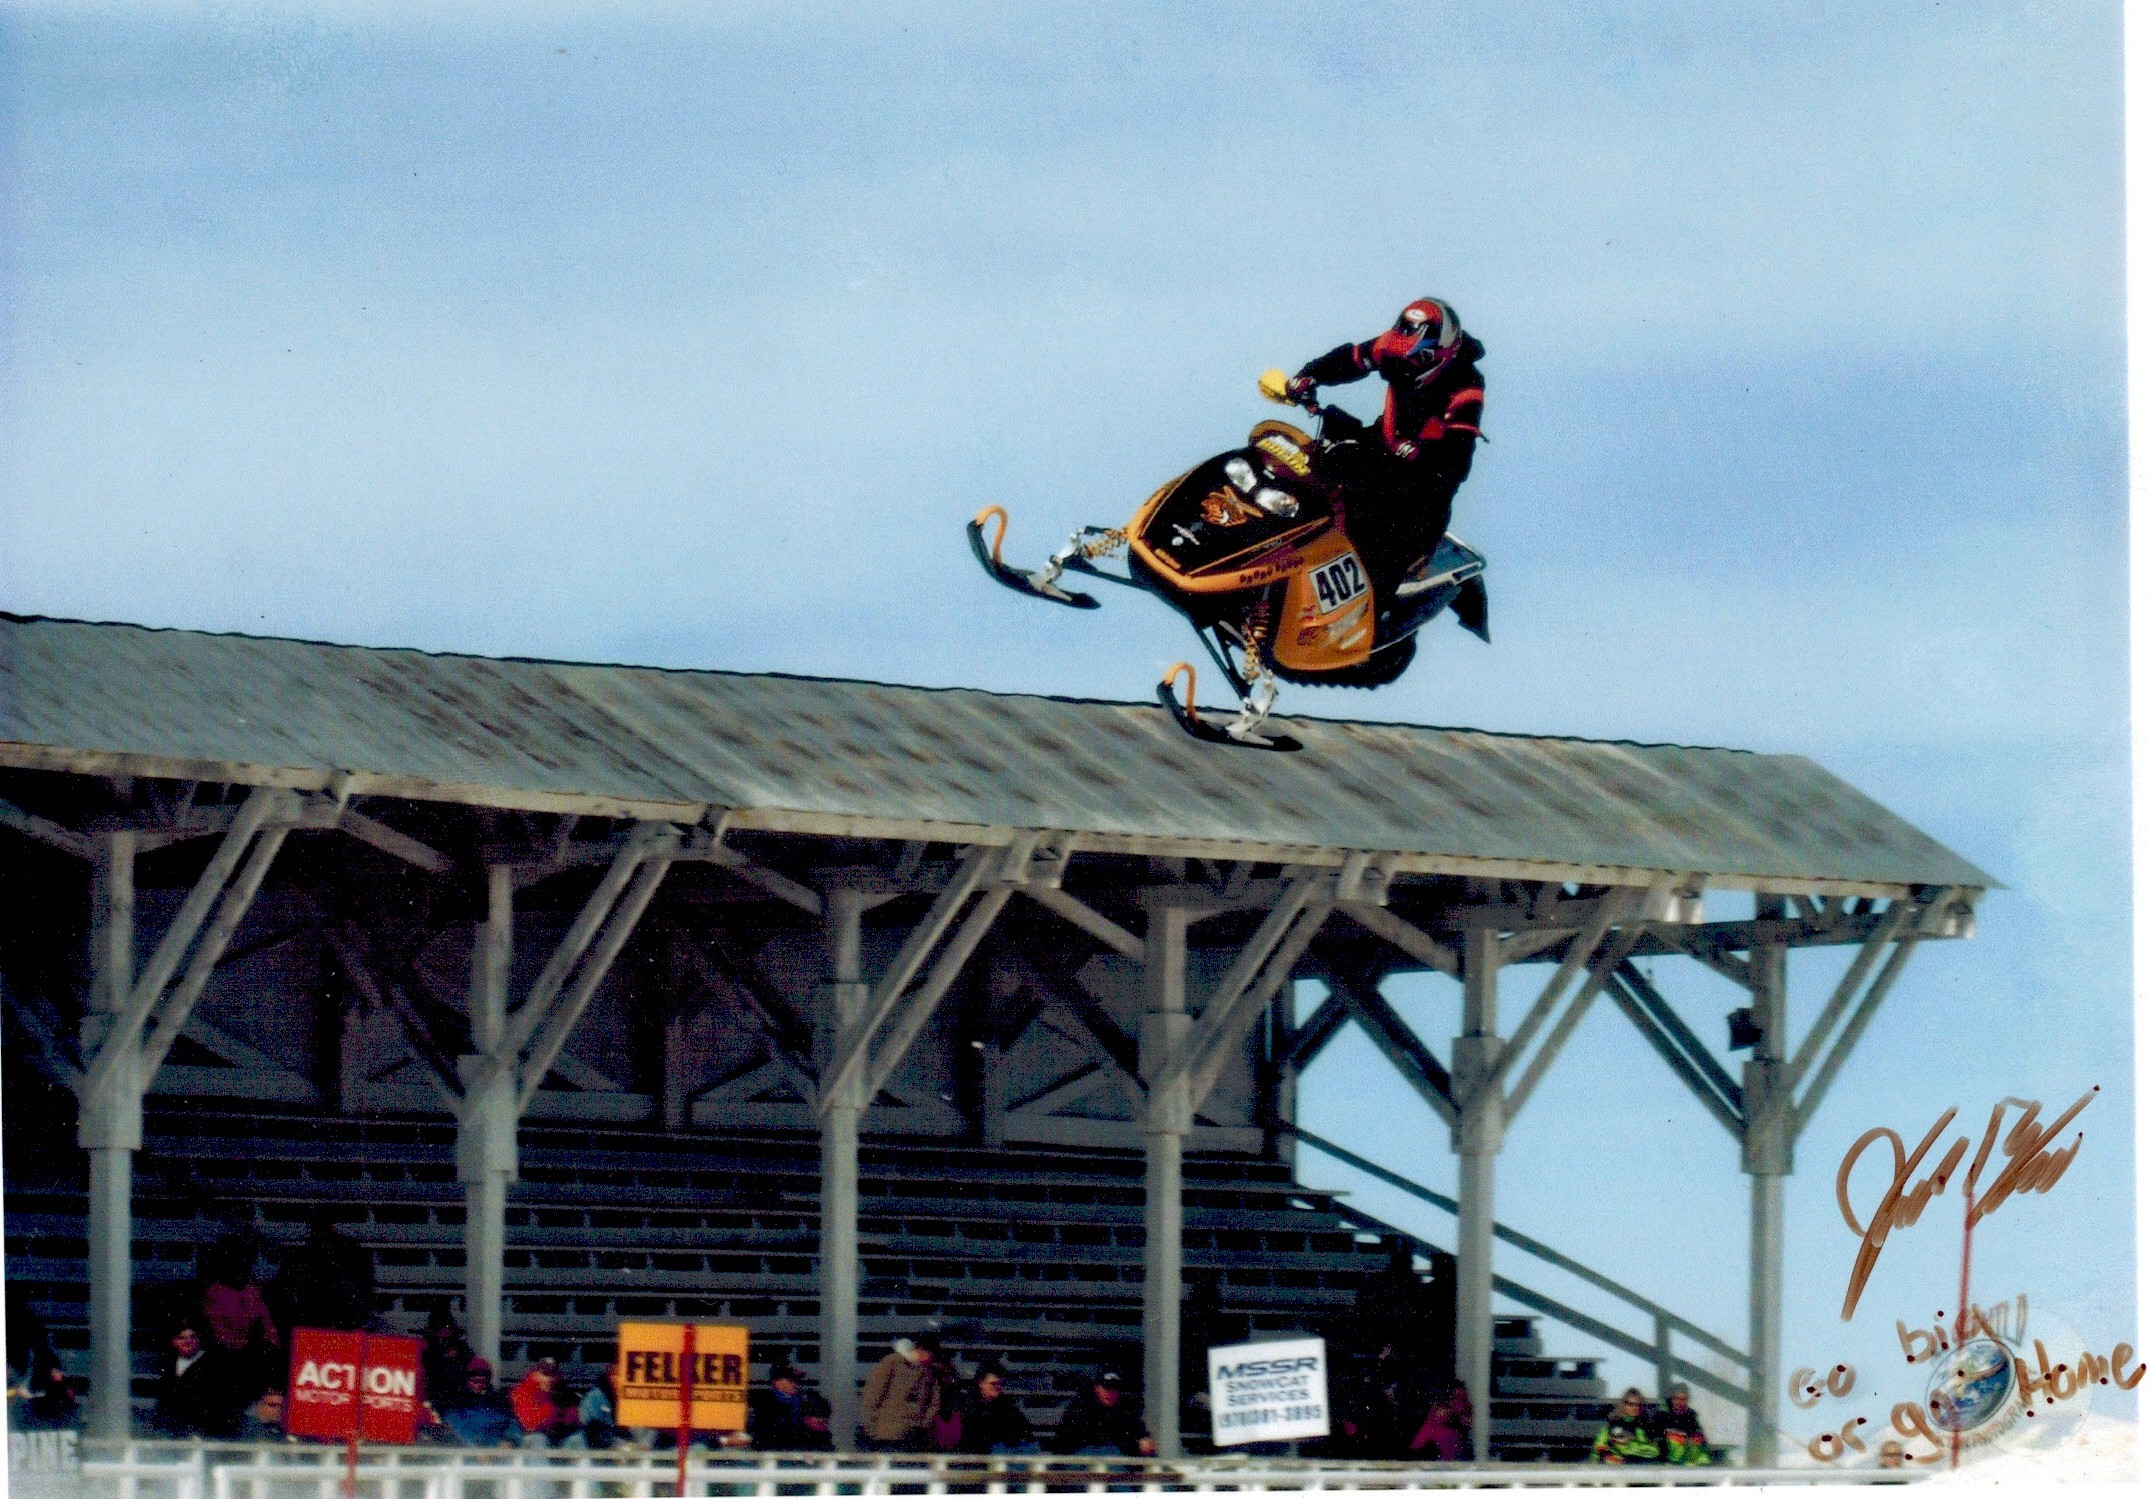 Josh Bacon- BIG AIR